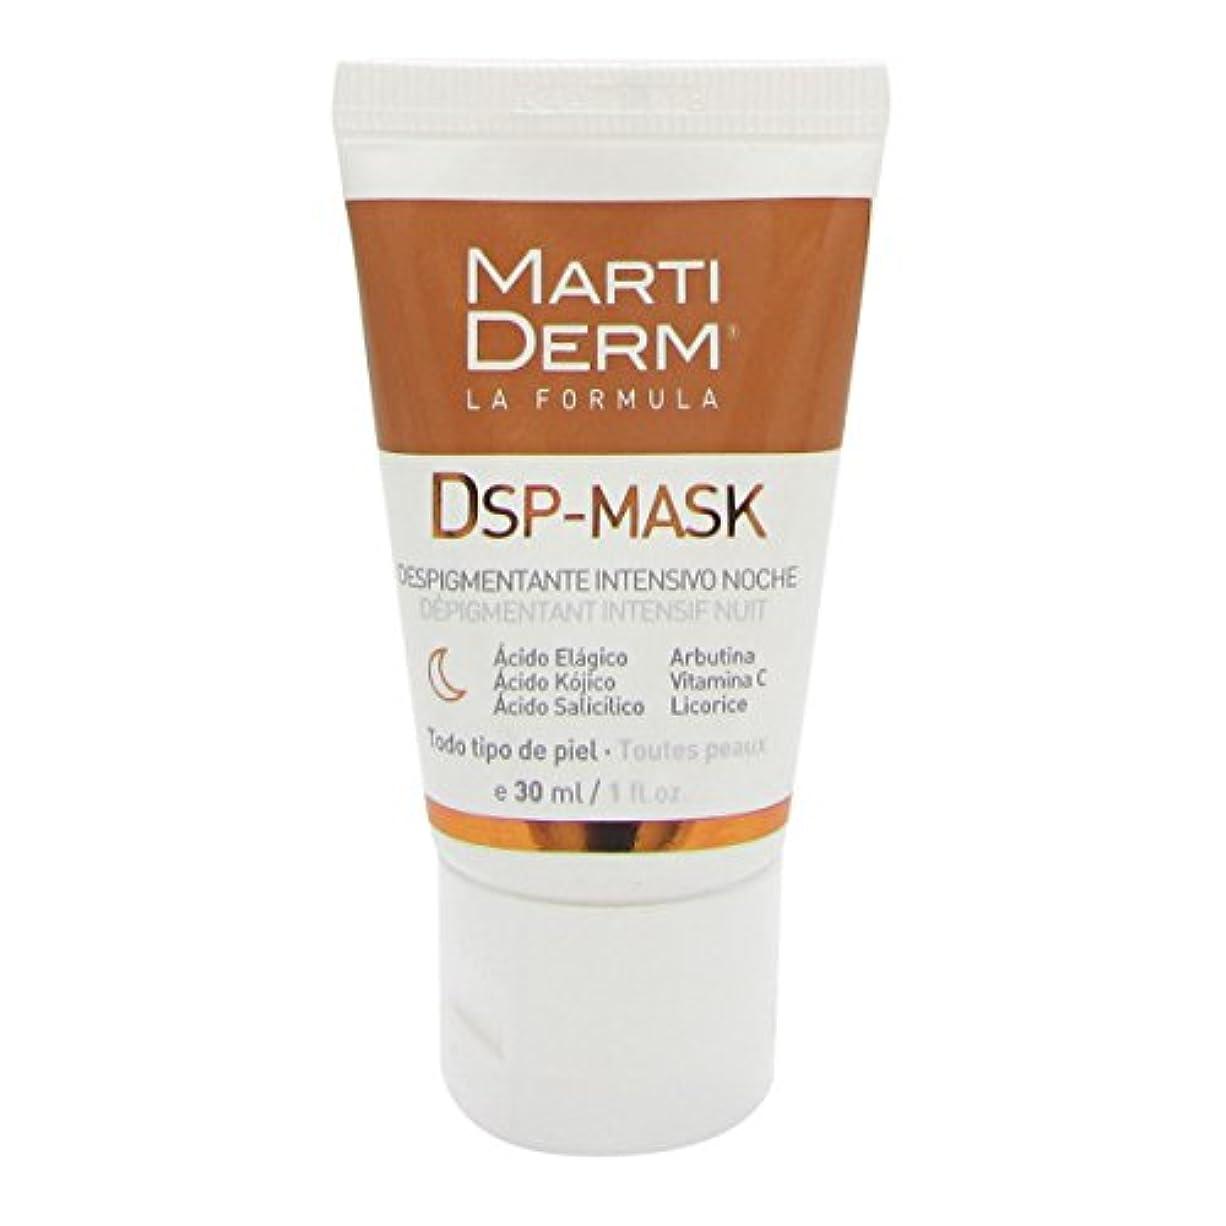 スタイルオープニング牧草地Martiderm Dsp-mask Intensive Depigmenting Night 30ml [並行輸入品]